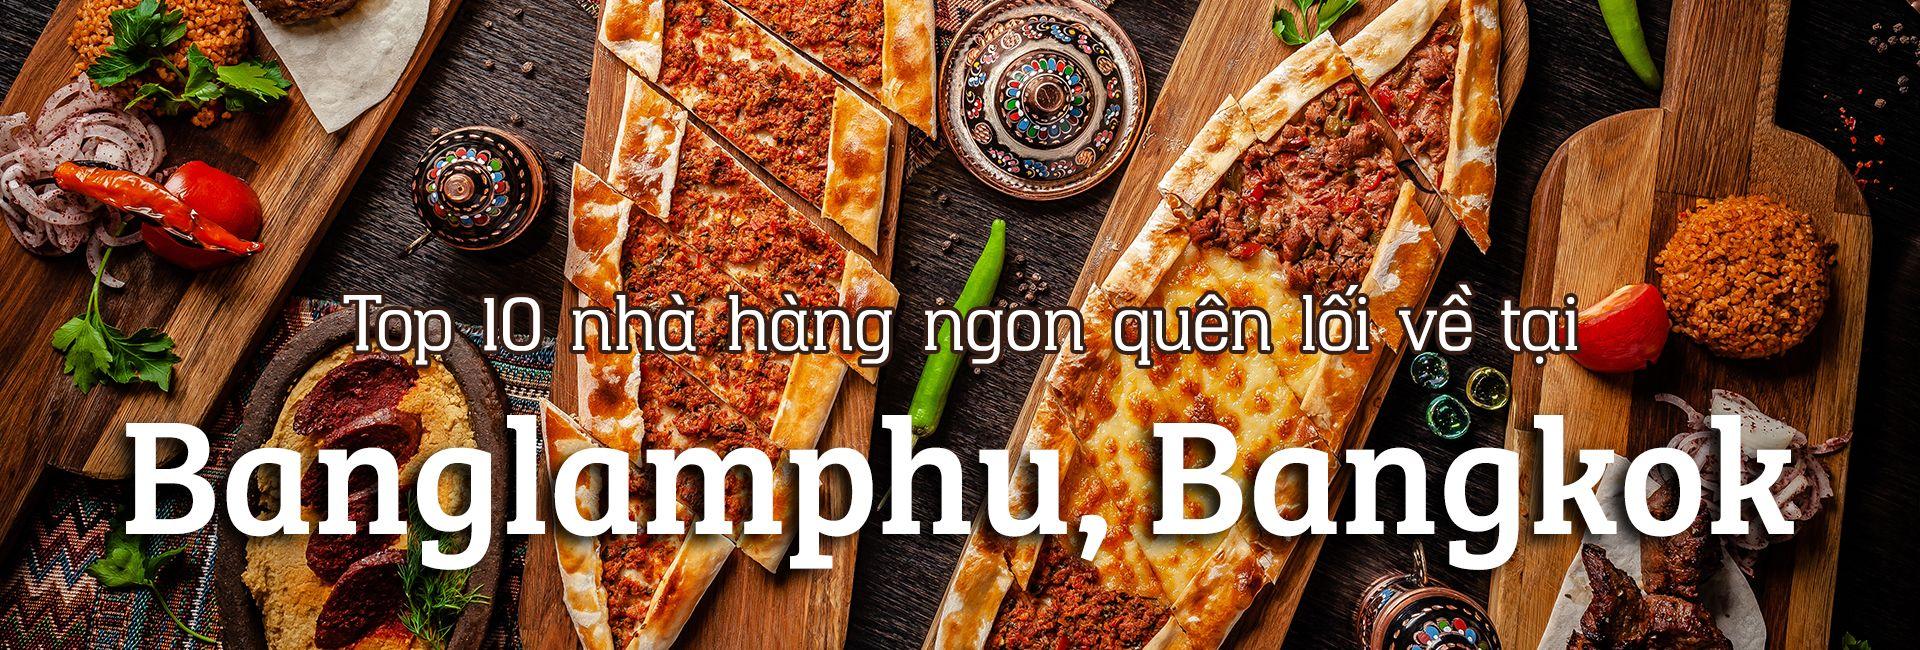 Top 10 nhà hàng ngon nhất tại Banglamphu, Bangkok